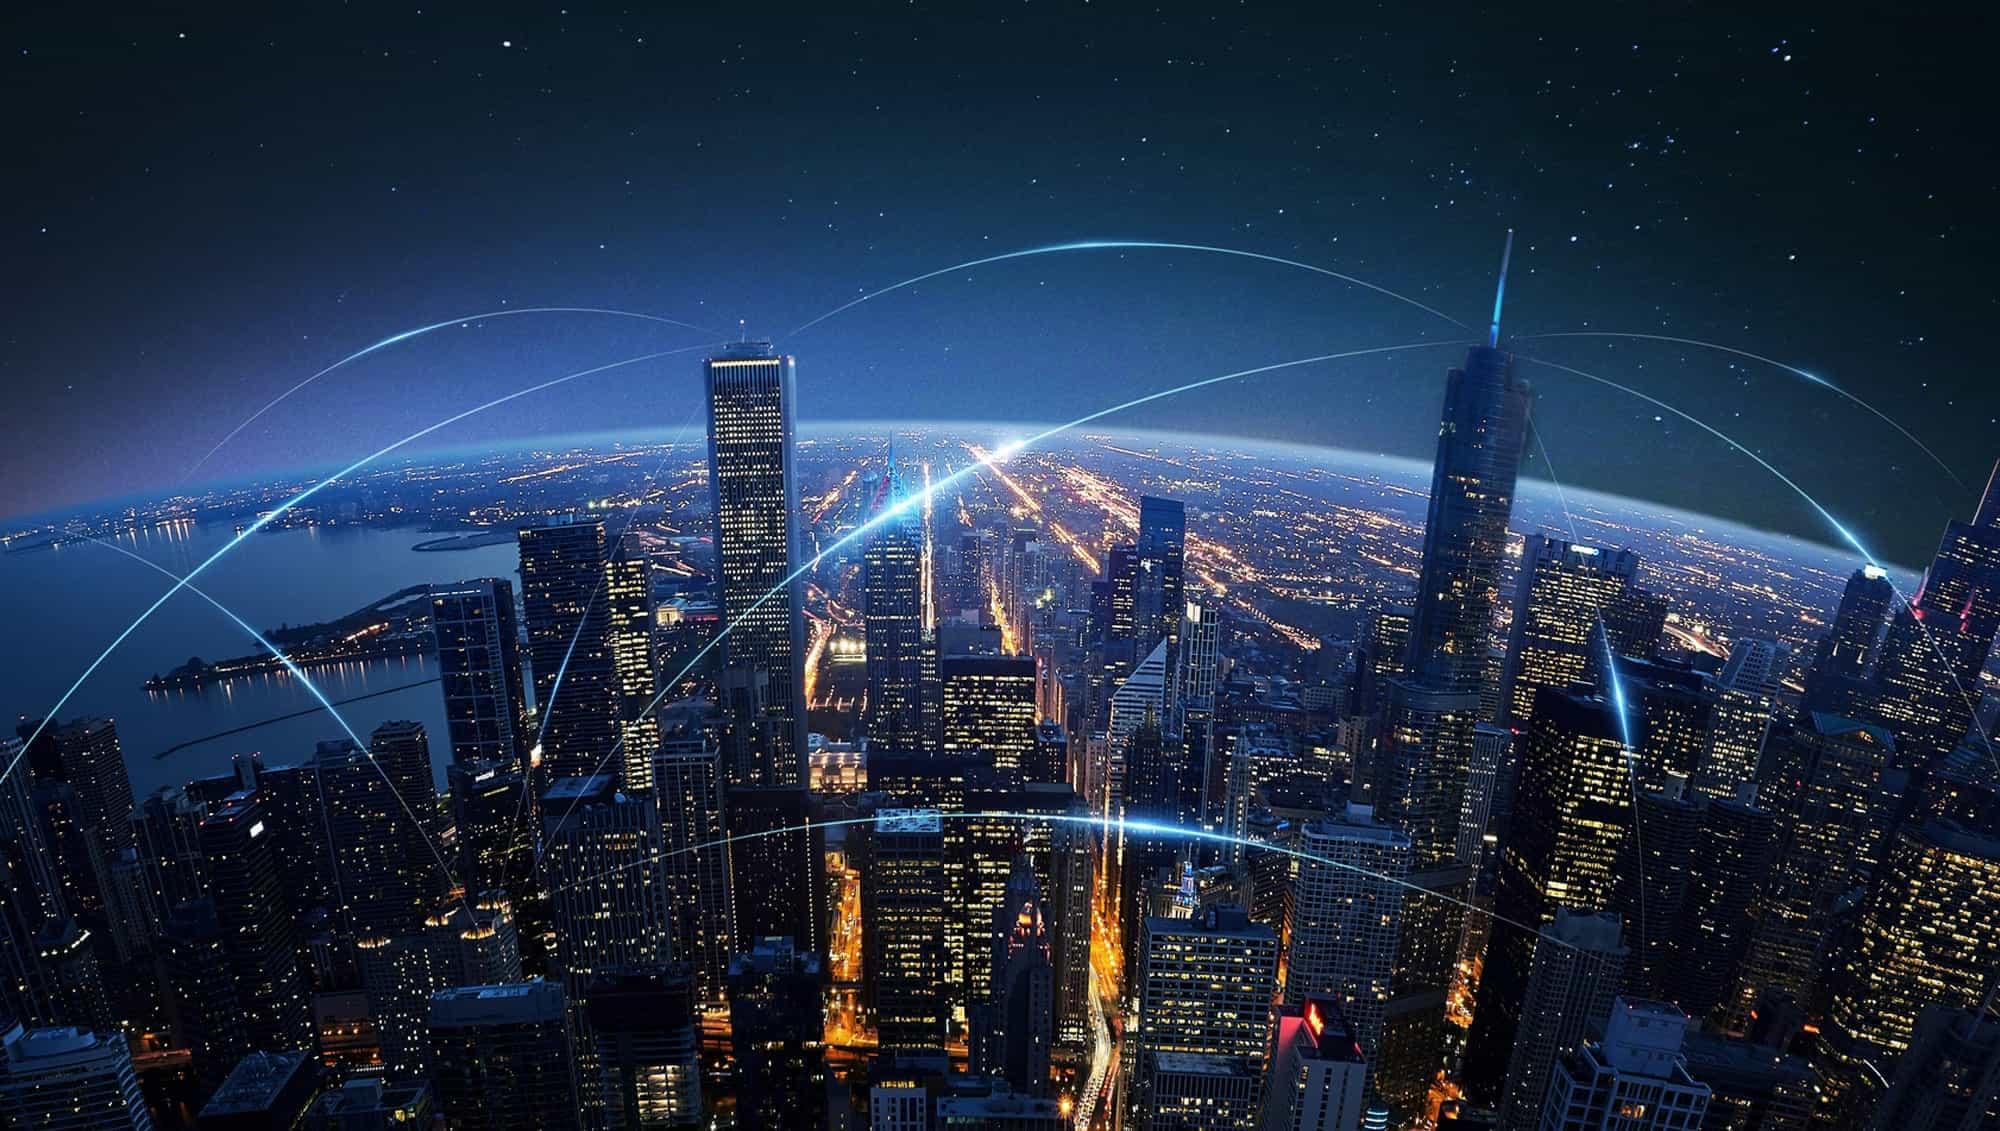 Комфортне та безпечне місто: концепція Smart City від Київстар | Kyivstar Business Hub зображення №1